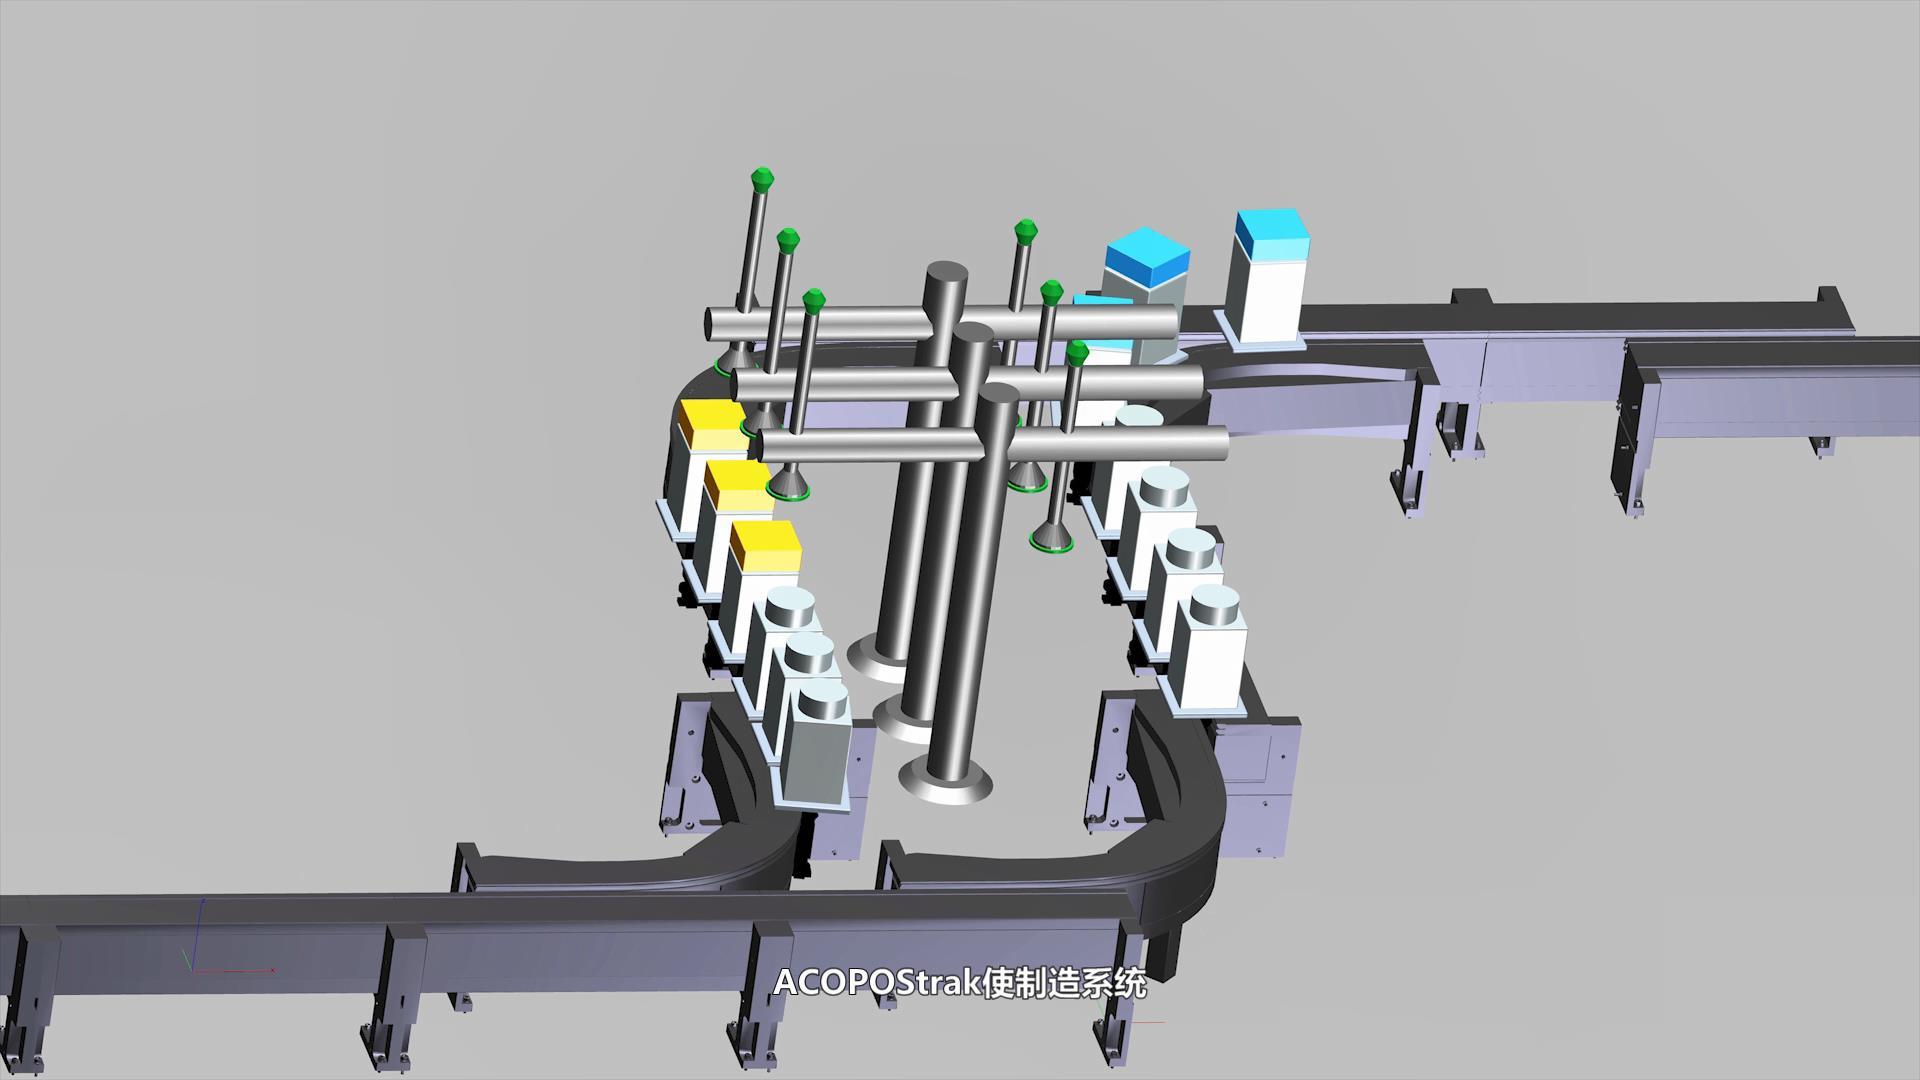 贝加莱ACOPOStrak5—保证高质量生产的容错能力